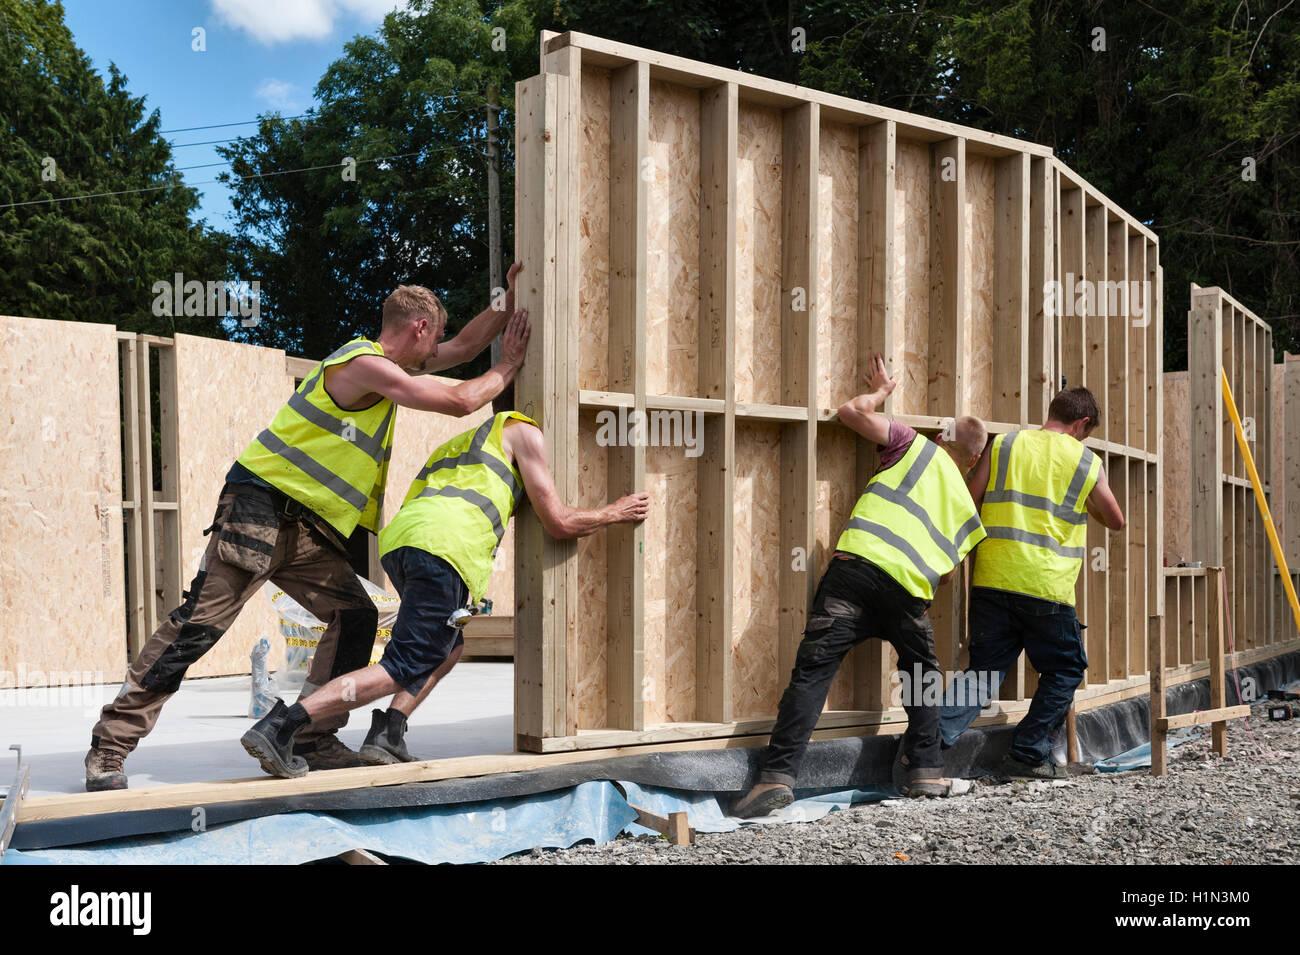 Wohnungsbau, UK. Erbauer eine vorgefertigten Holz Wandpaneele als Teil eines neuen Hauses zu installieren Stockbild